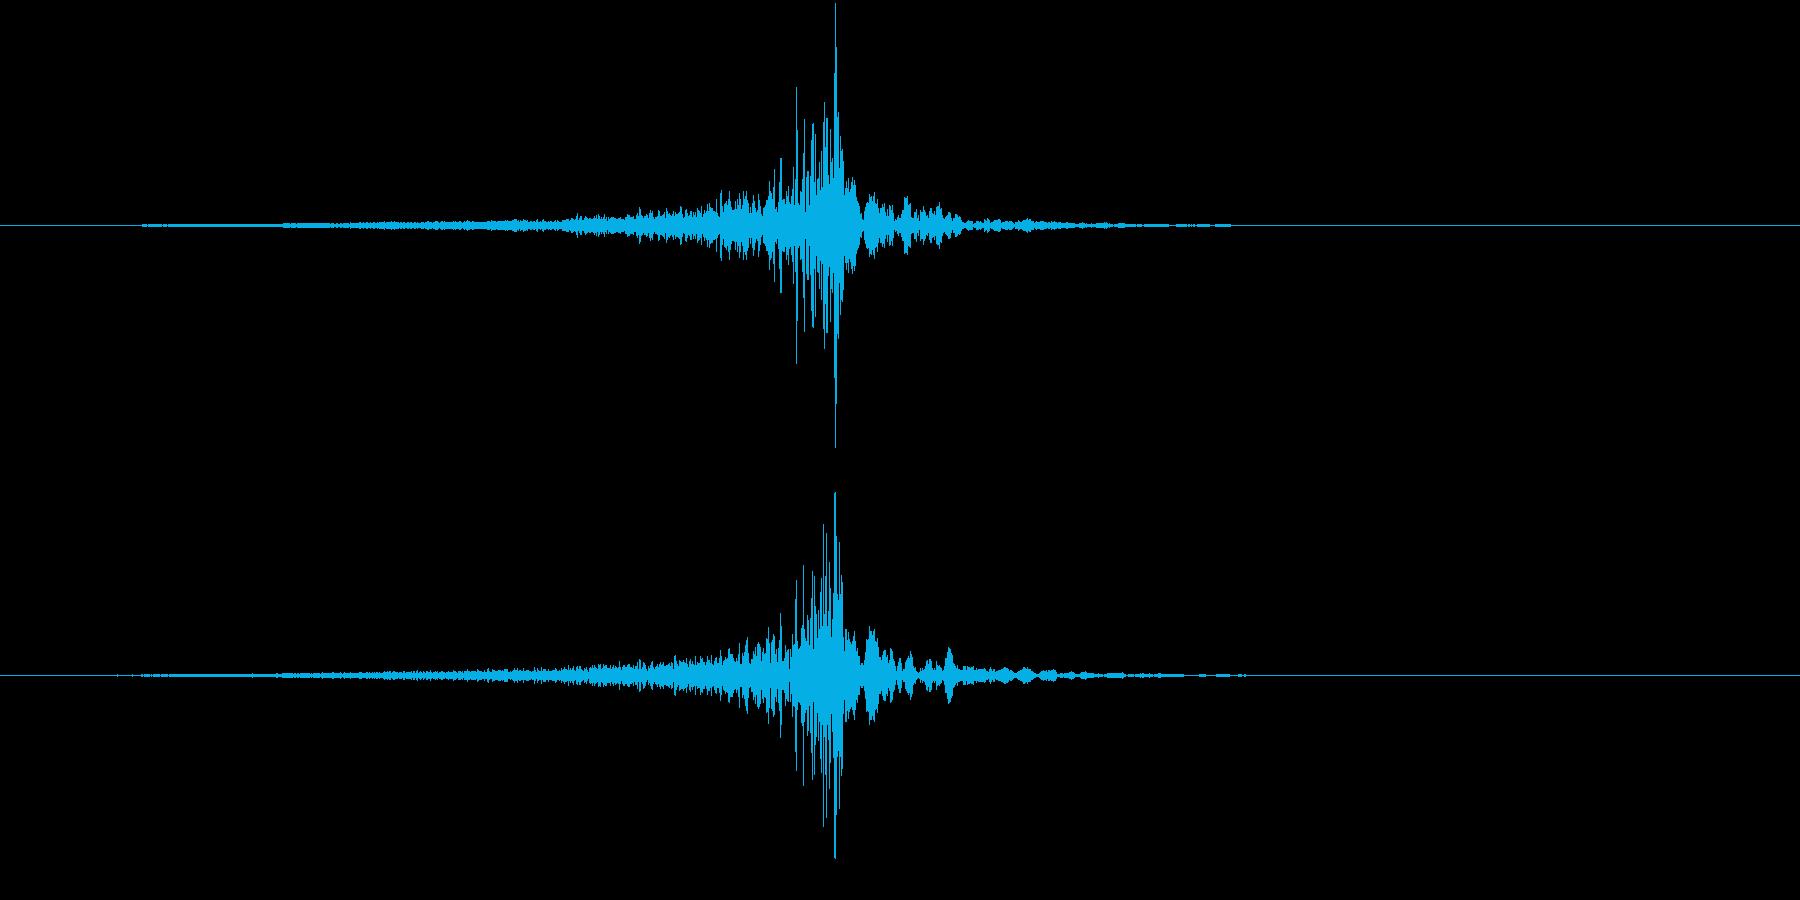 魂の音の再生済みの波形